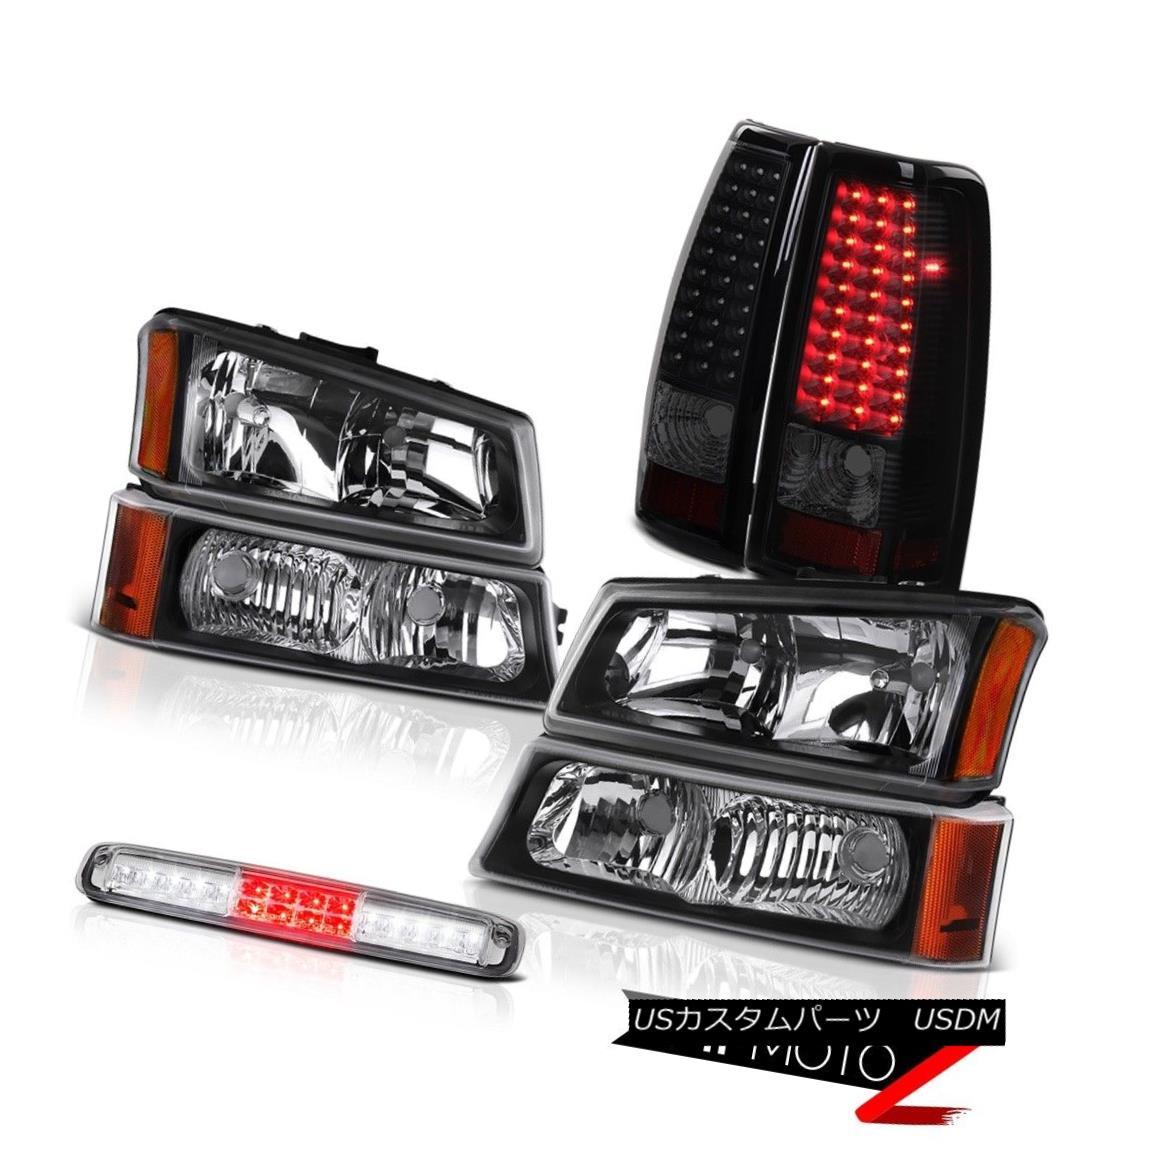 テールライト 03-06 Chevy Silverado 1500 Headlamps Clear Chrome 3RD Brake Lamp Rear Lamps SMD 03-06 Chevy Silverado 1500ヘッドランプクリアクローム3RDブレーキランプリアランプSMD